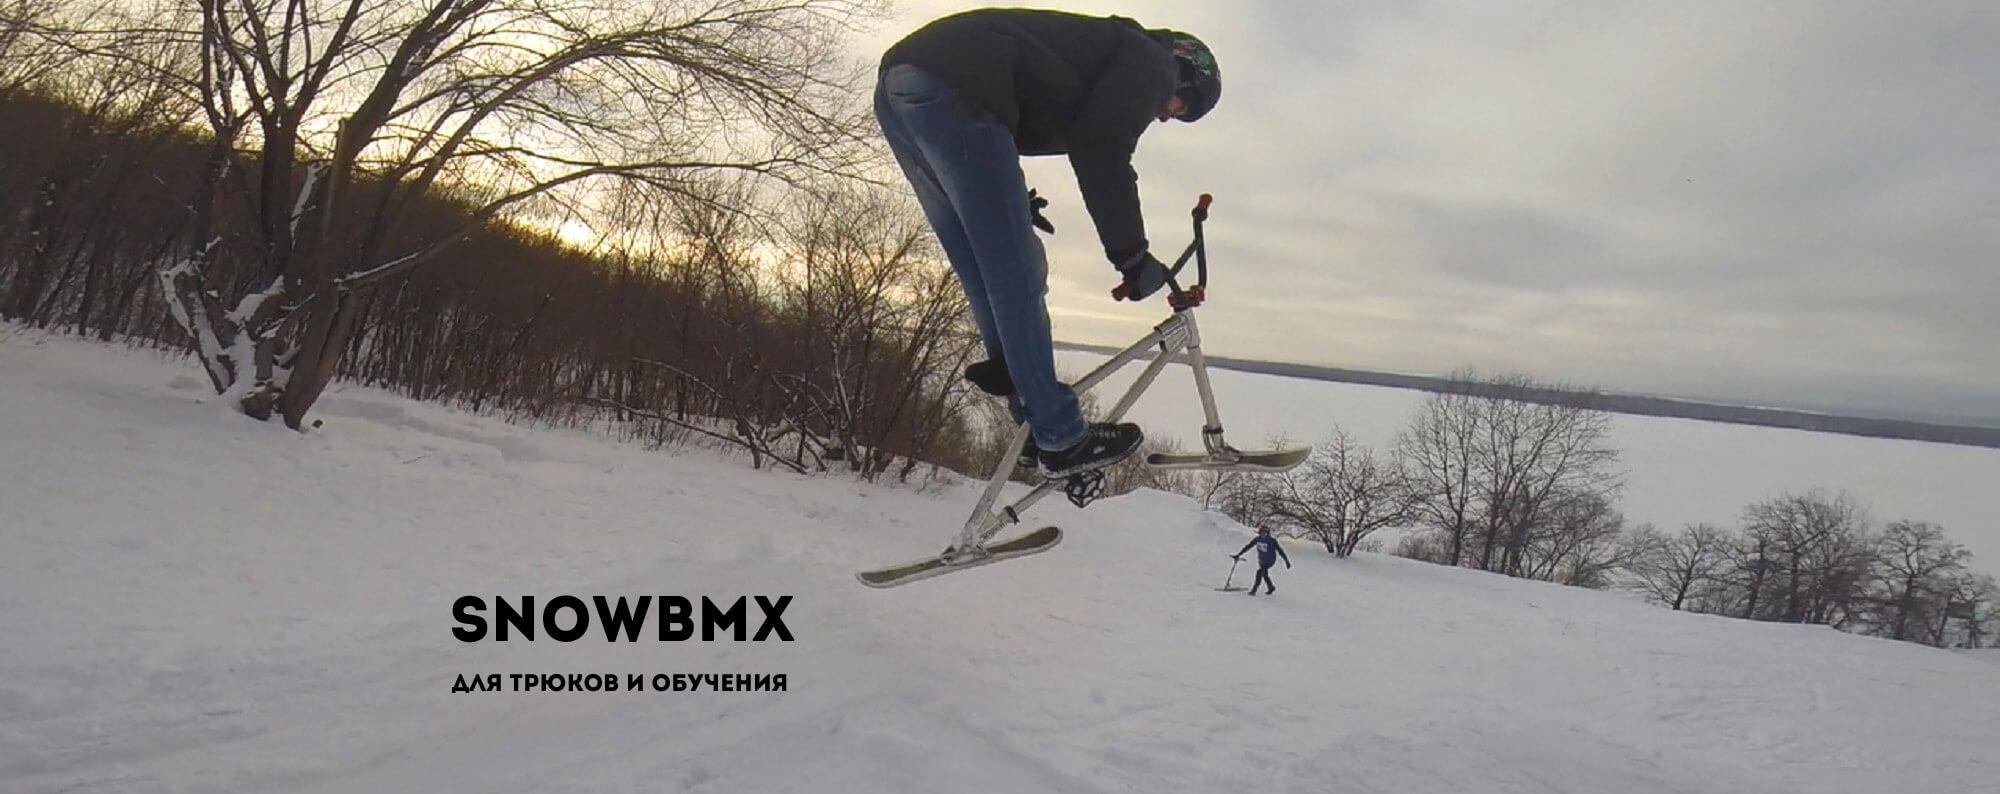 SnowBMX_3_min